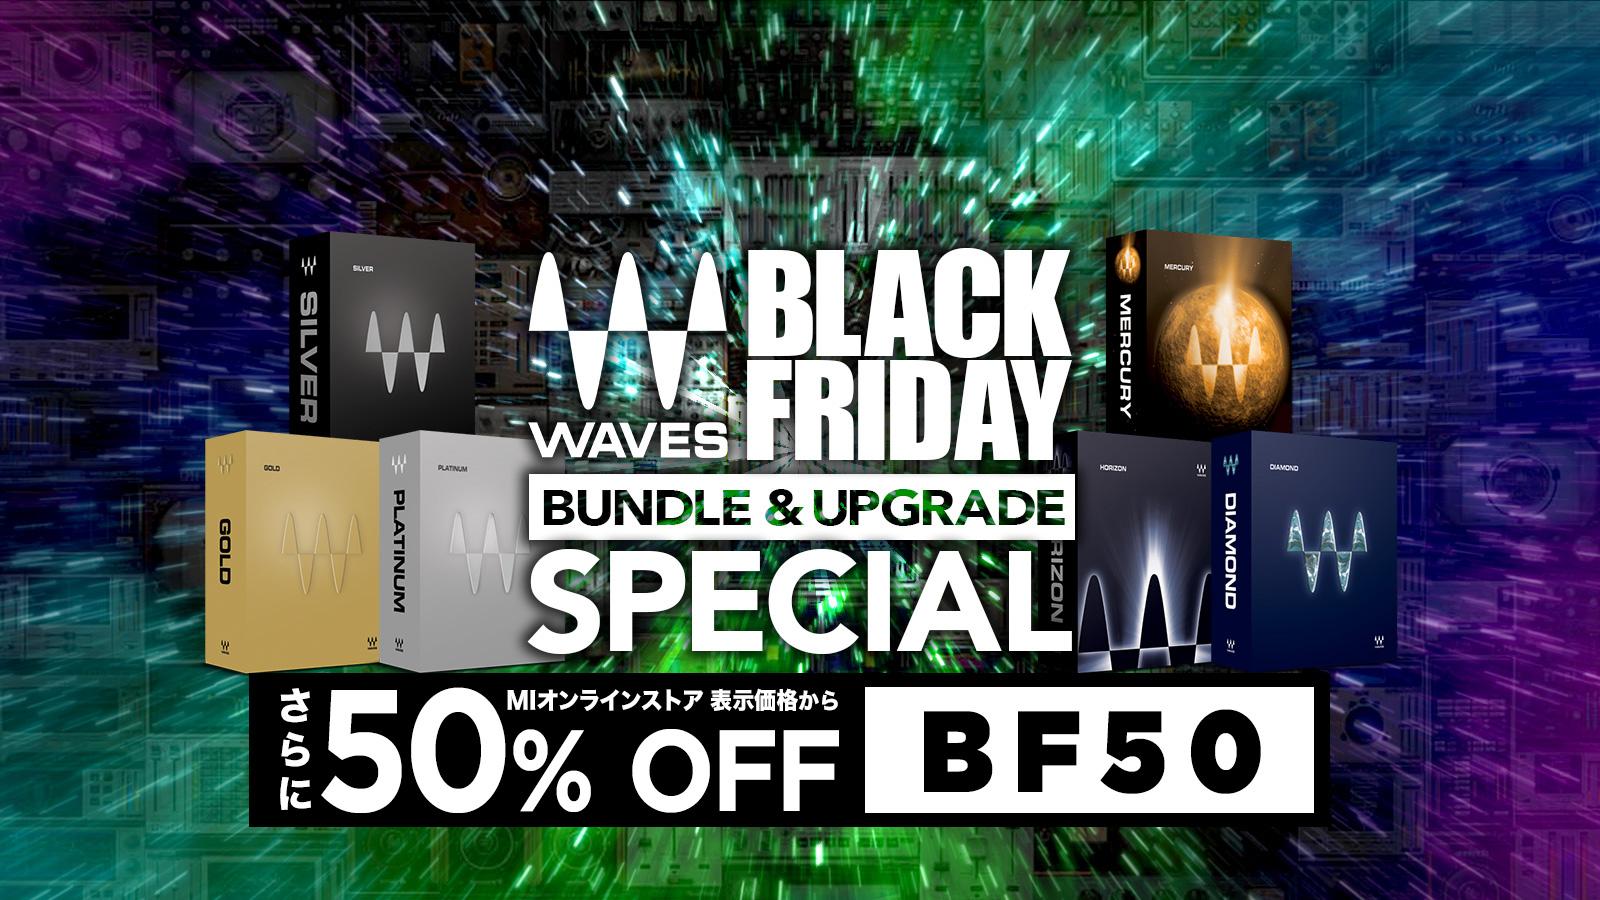 【クーポンでさらに50%OFF】Waves ブラックフライデー ほぼ全品が対象!